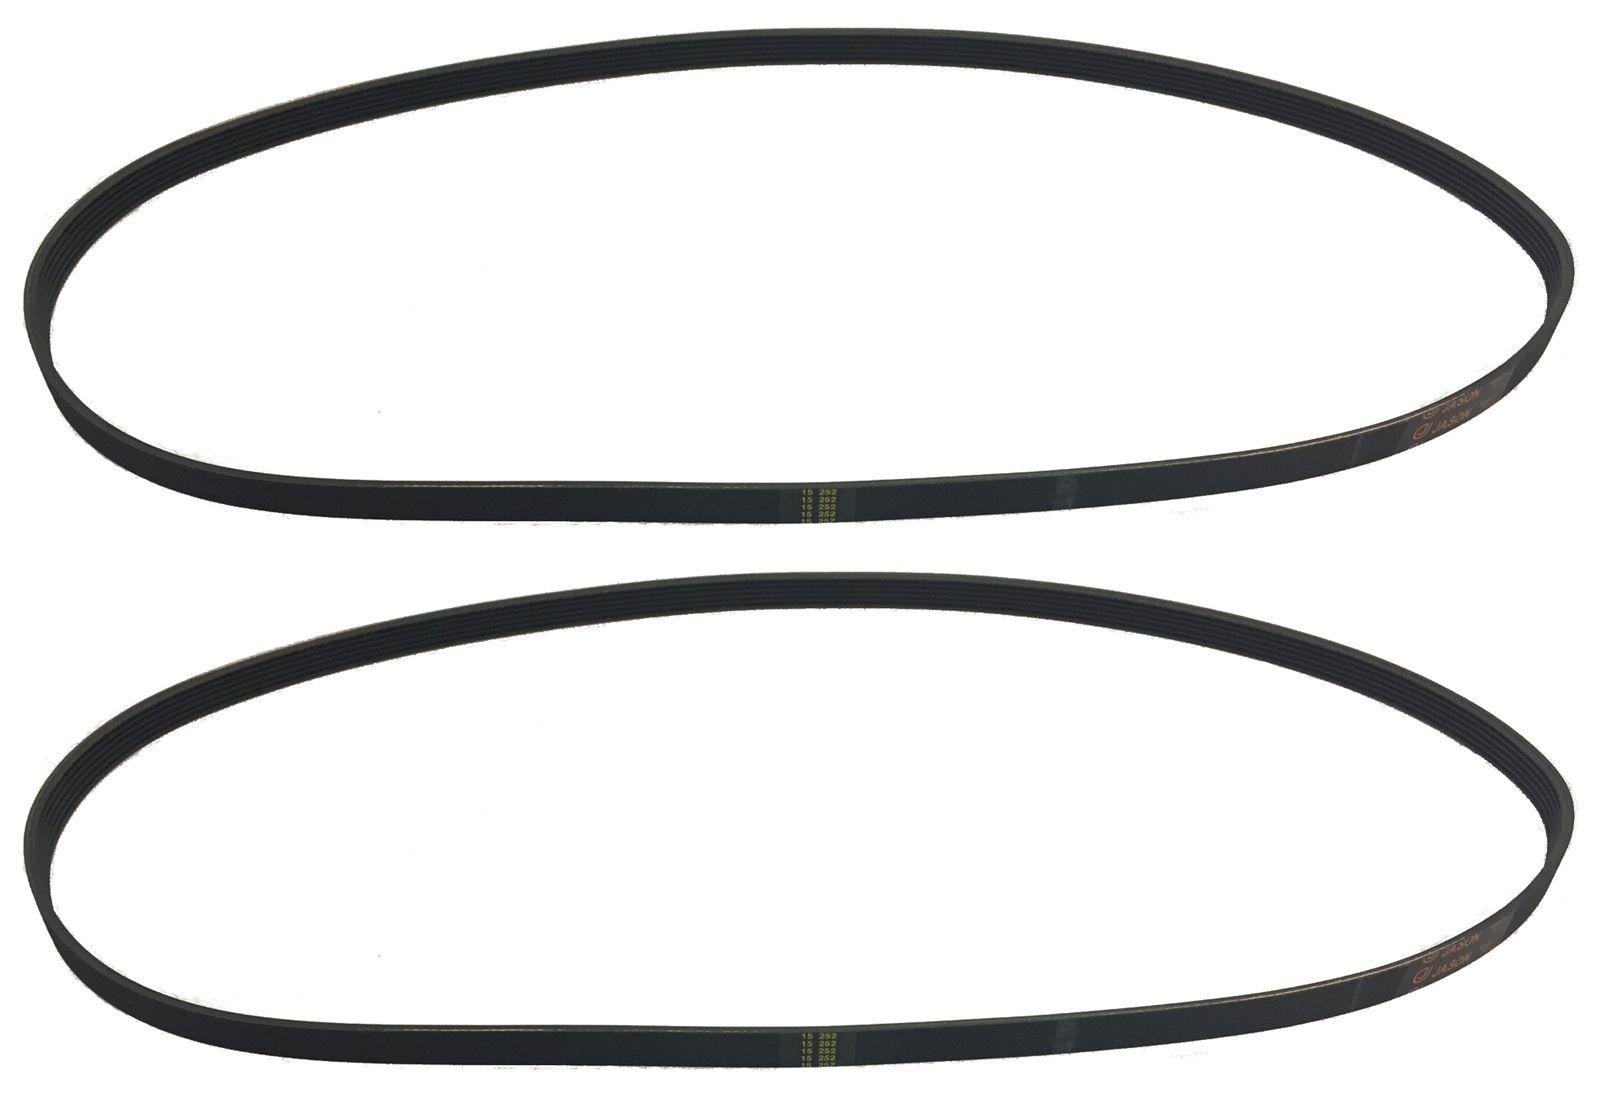 2 Belts For C Bt 224 Air Compressor Sears Craftsman Porter